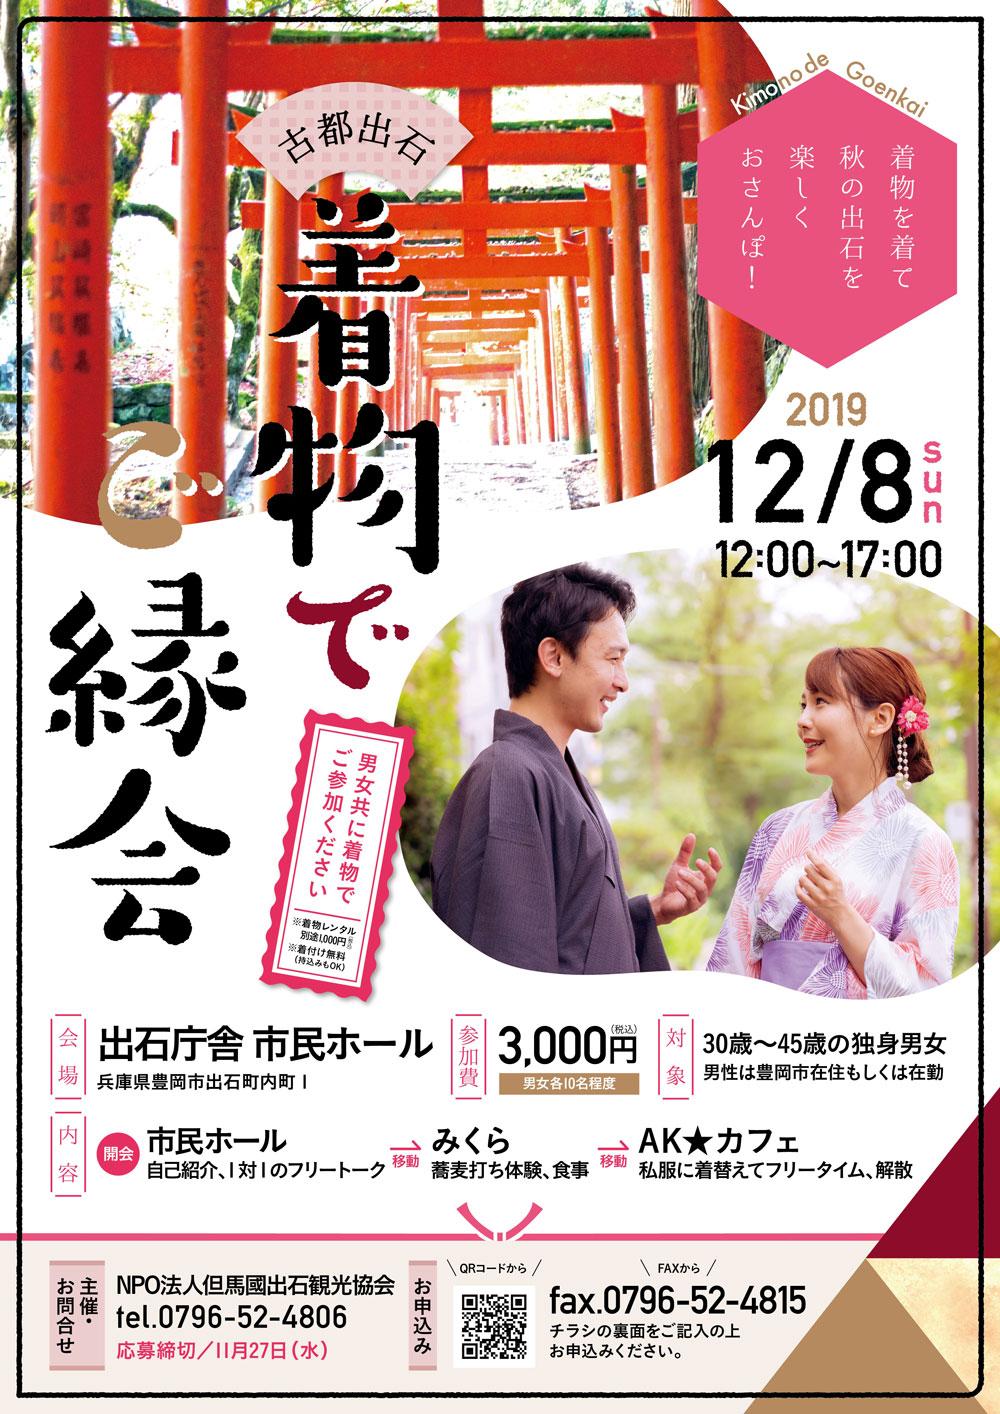 12/8 着物でご縁会